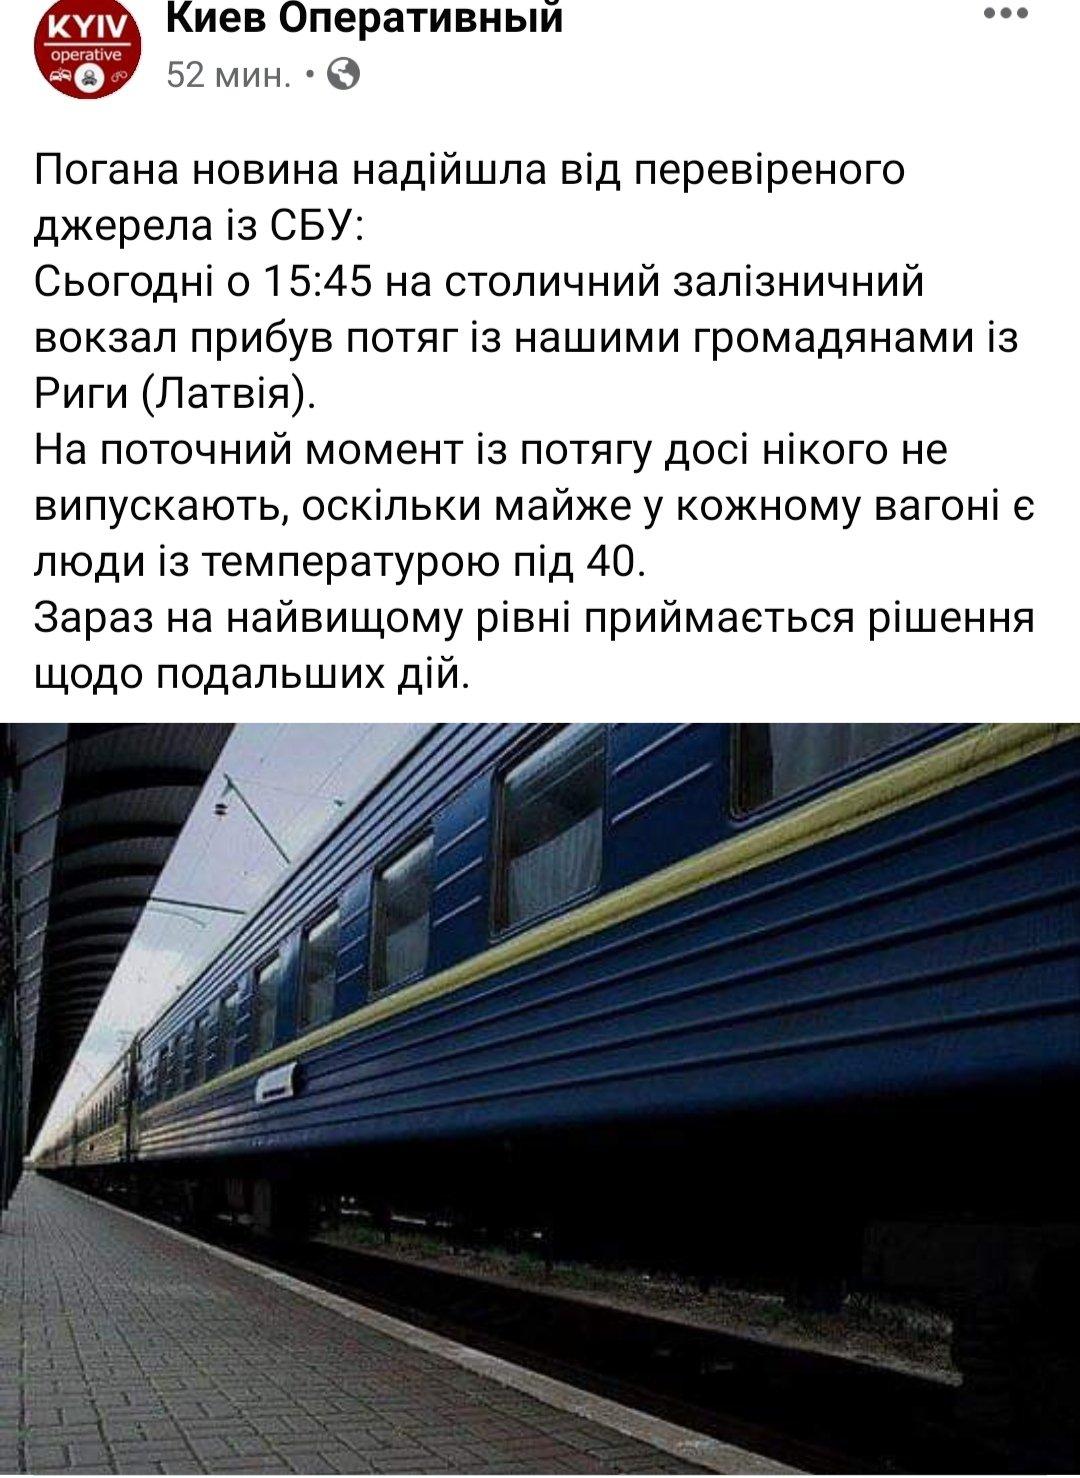 Зеленский внес изменения в оргструктуру СБУ - Цензор.НЕТ 6817